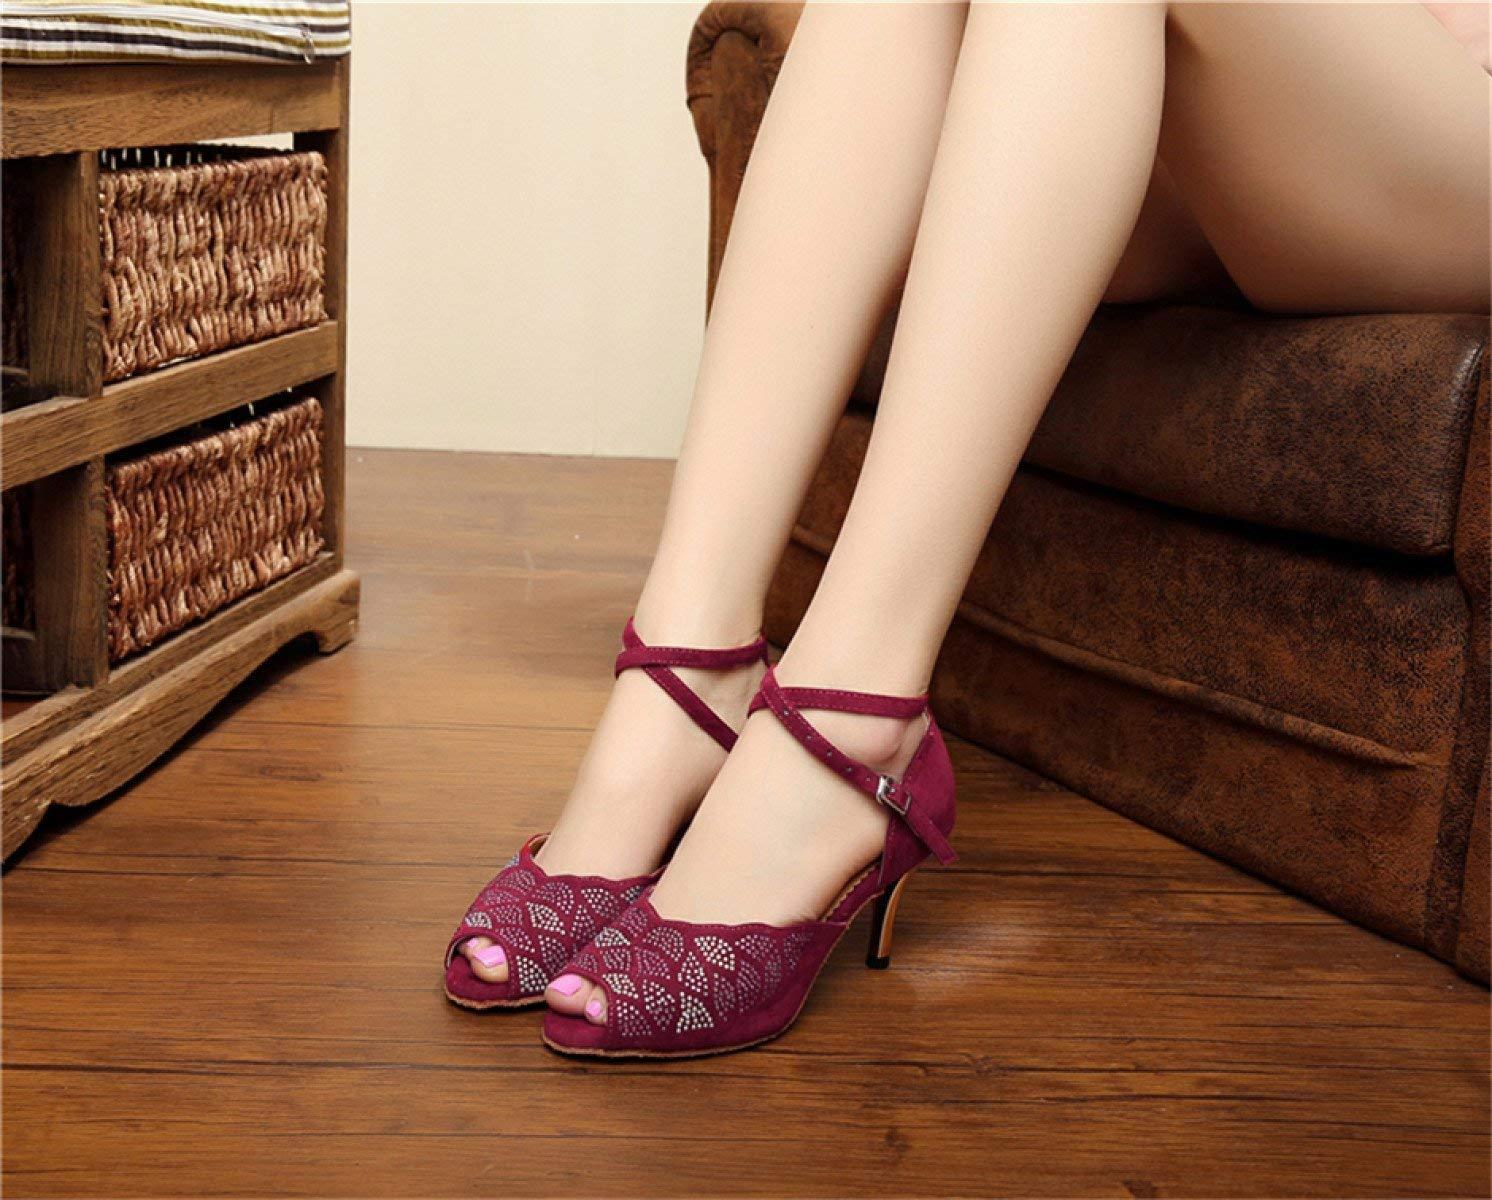 Yingsssq Damen Kristalle Kristalle Kristalle Sparking Satin Latin Salsa Tanzschuhe Tango Chacha Samba Modern Jazz Schuhe Sandalen High Heels Rot-Absatz8.5cm-UK5   EU37   Our38 55c677